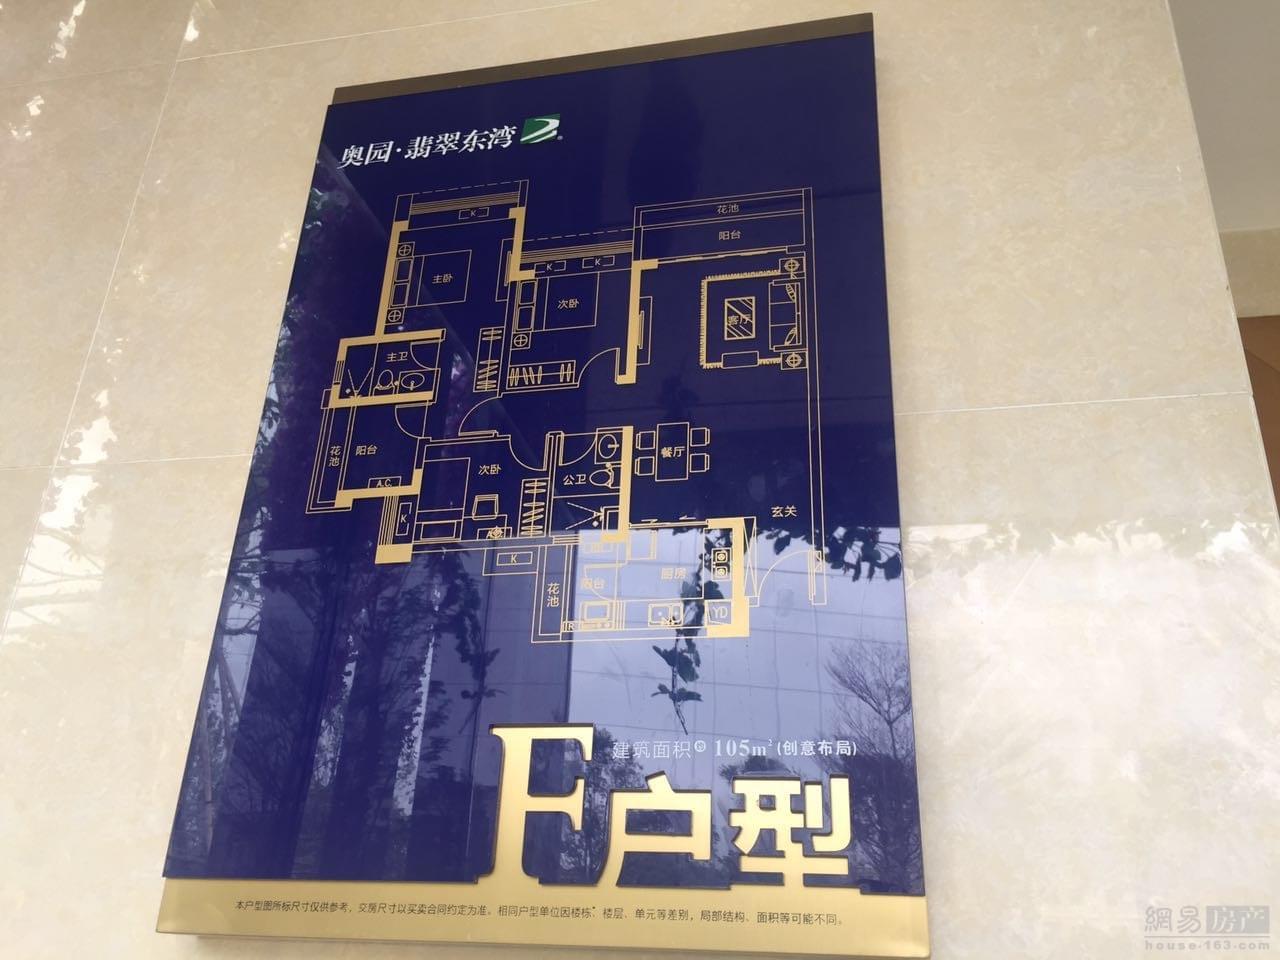 易眼看房| 深圳盘卖临深价 2字头开盘当天去化三成